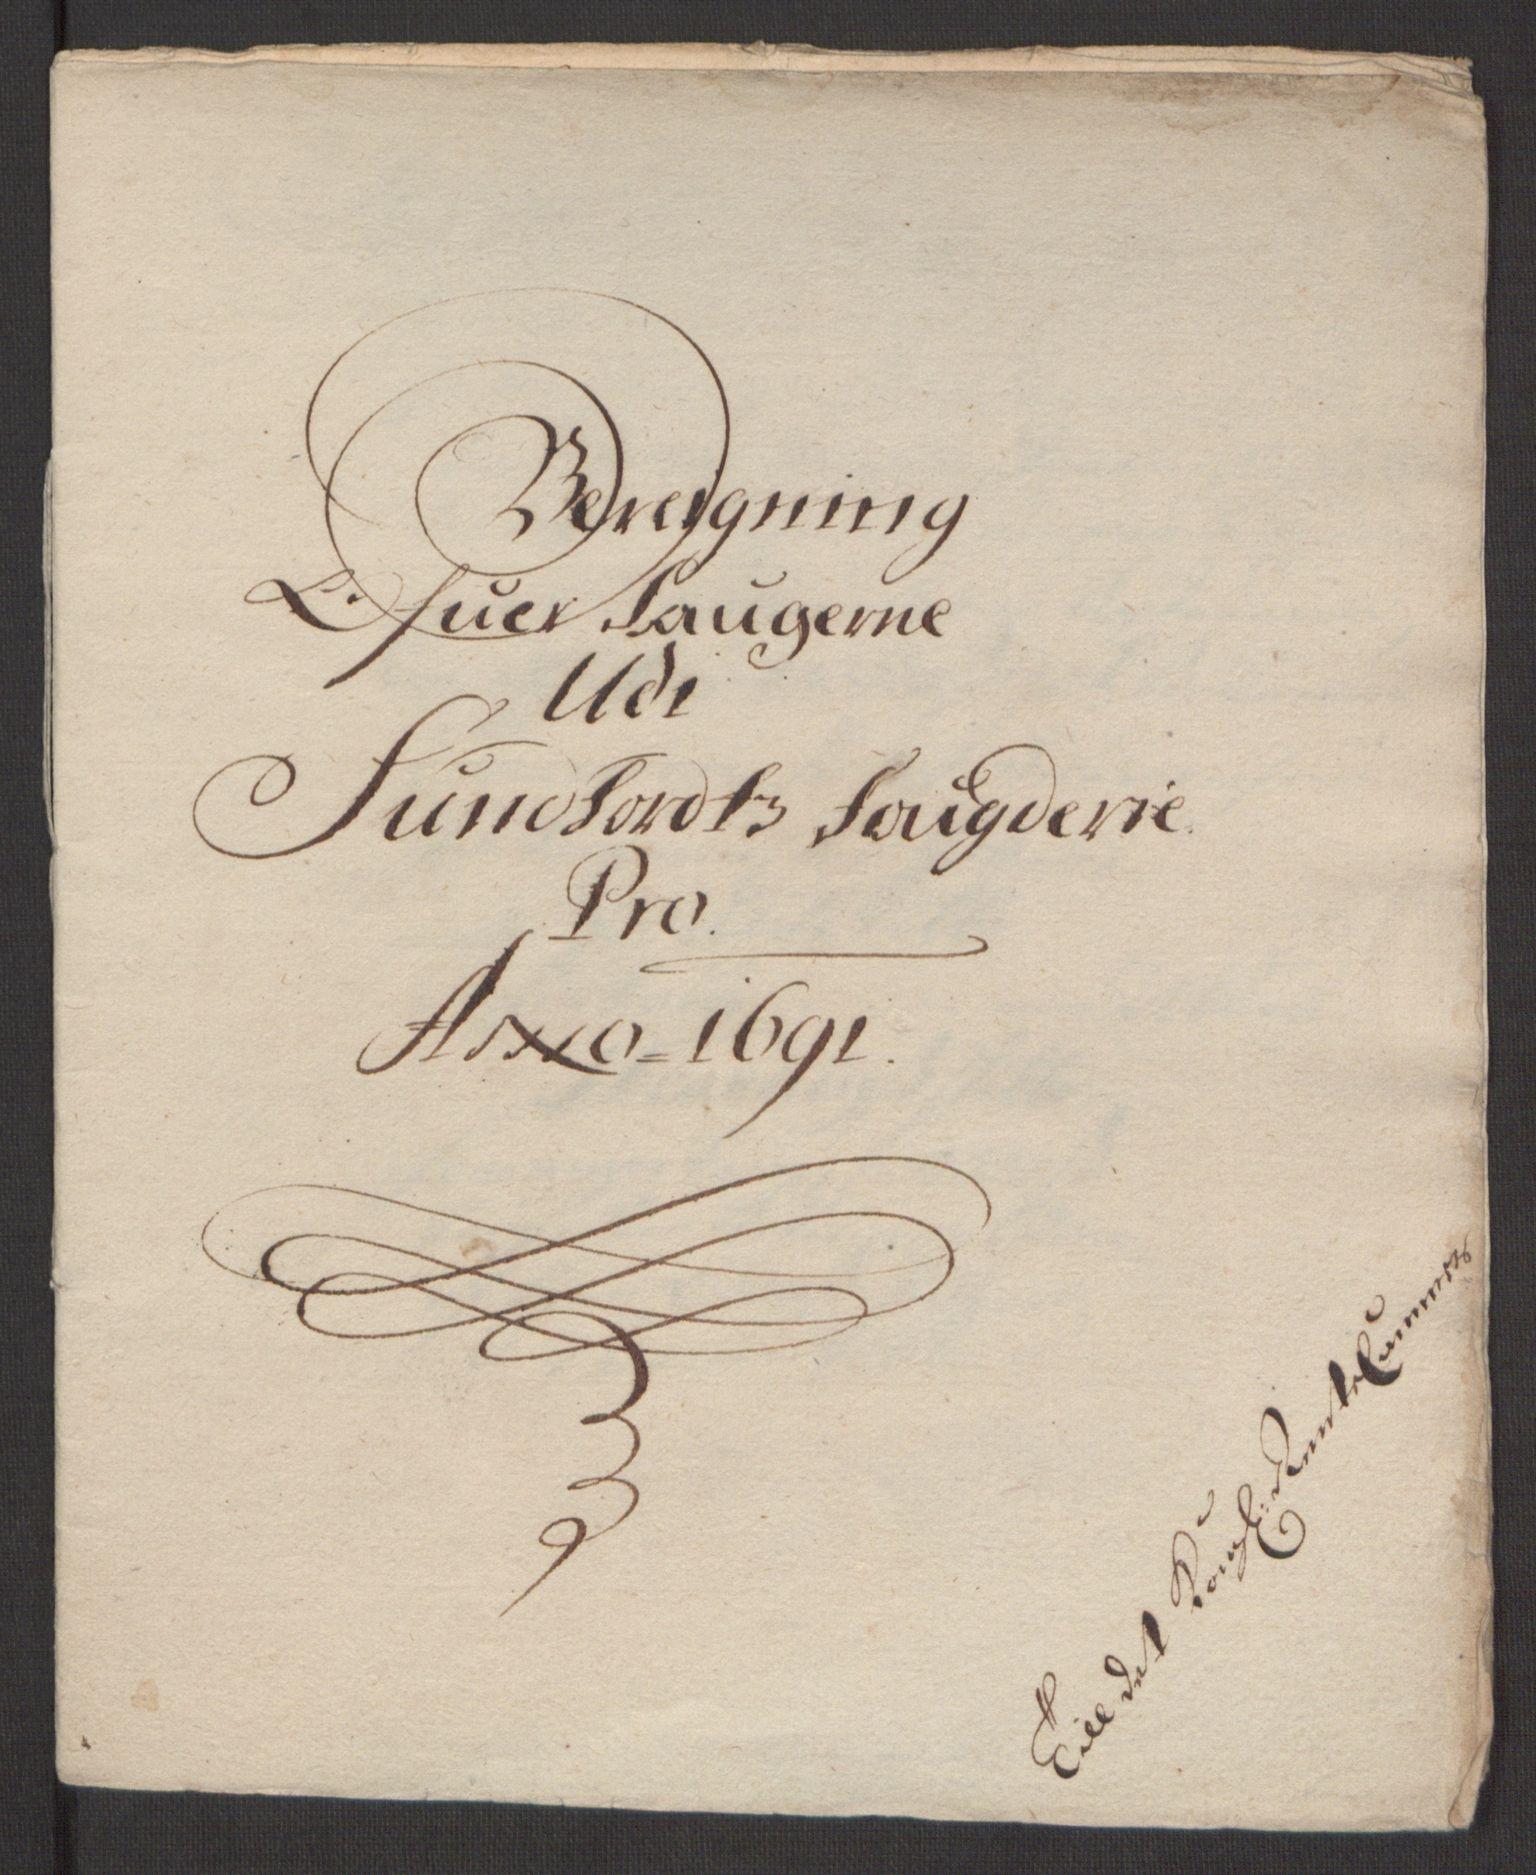 RA, Rentekammeret inntil 1814, Reviderte regnskaper, Fogderegnskap, R48/L2973: Fogderegnskap Sunnhordland og Hardanger, 1691-1692, s. 15